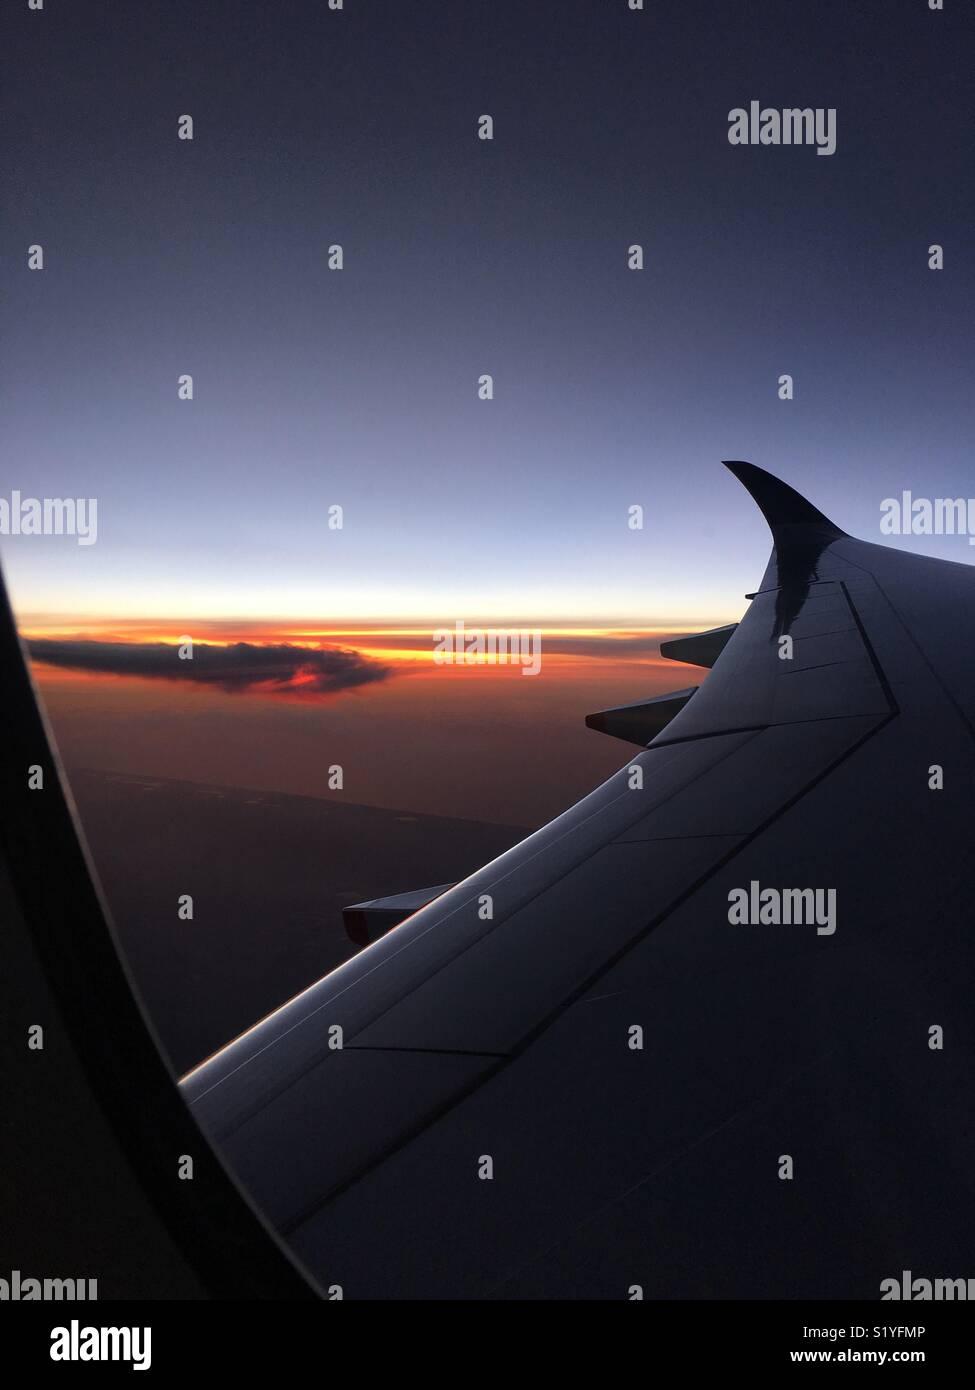 Flying above Thailand. Beautiful sunrise through the aeroplane window. Jan 2018 - Stock Image